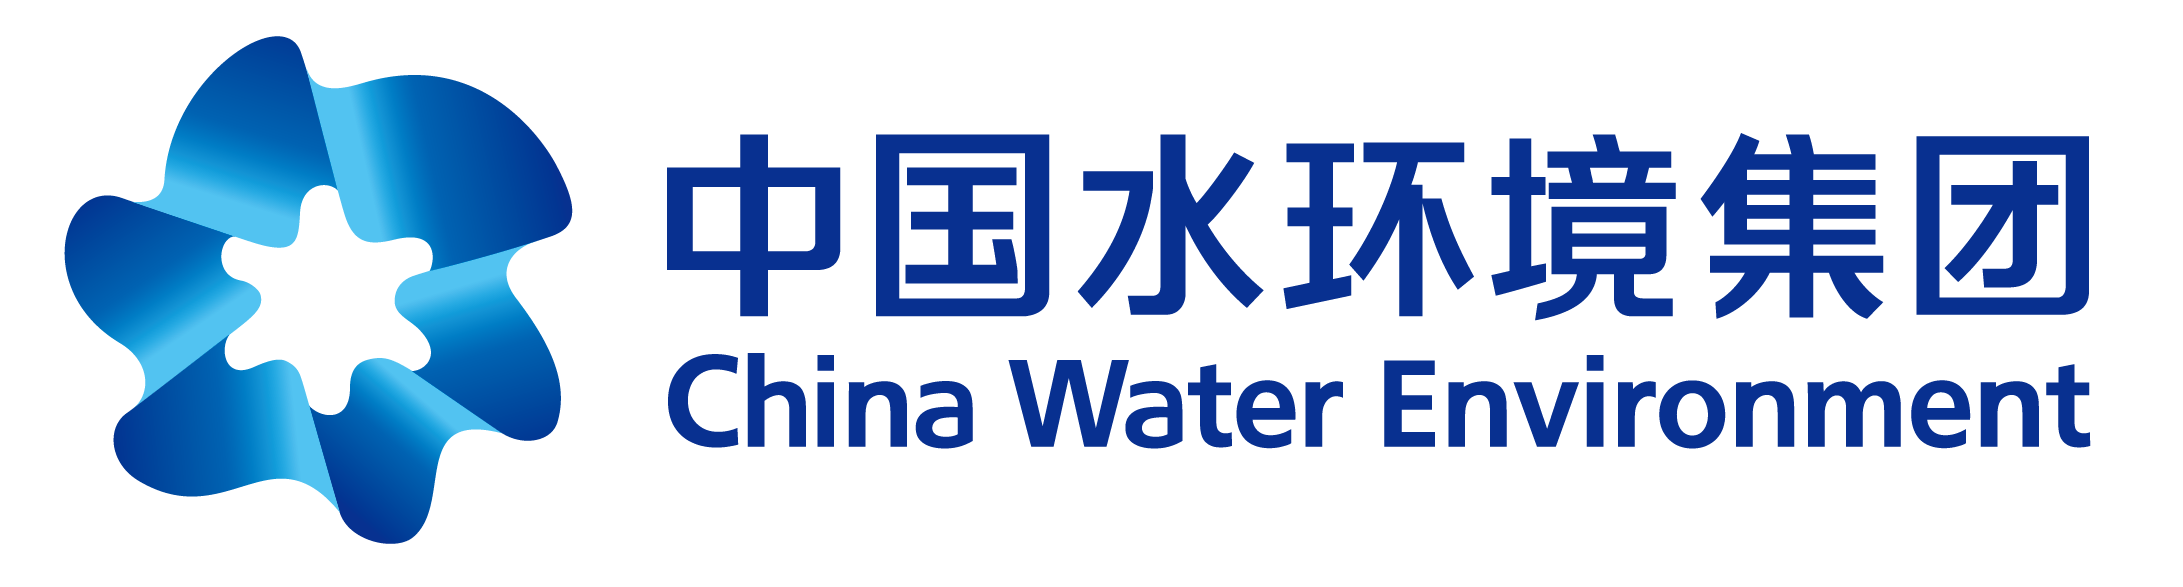 中国水环境集团